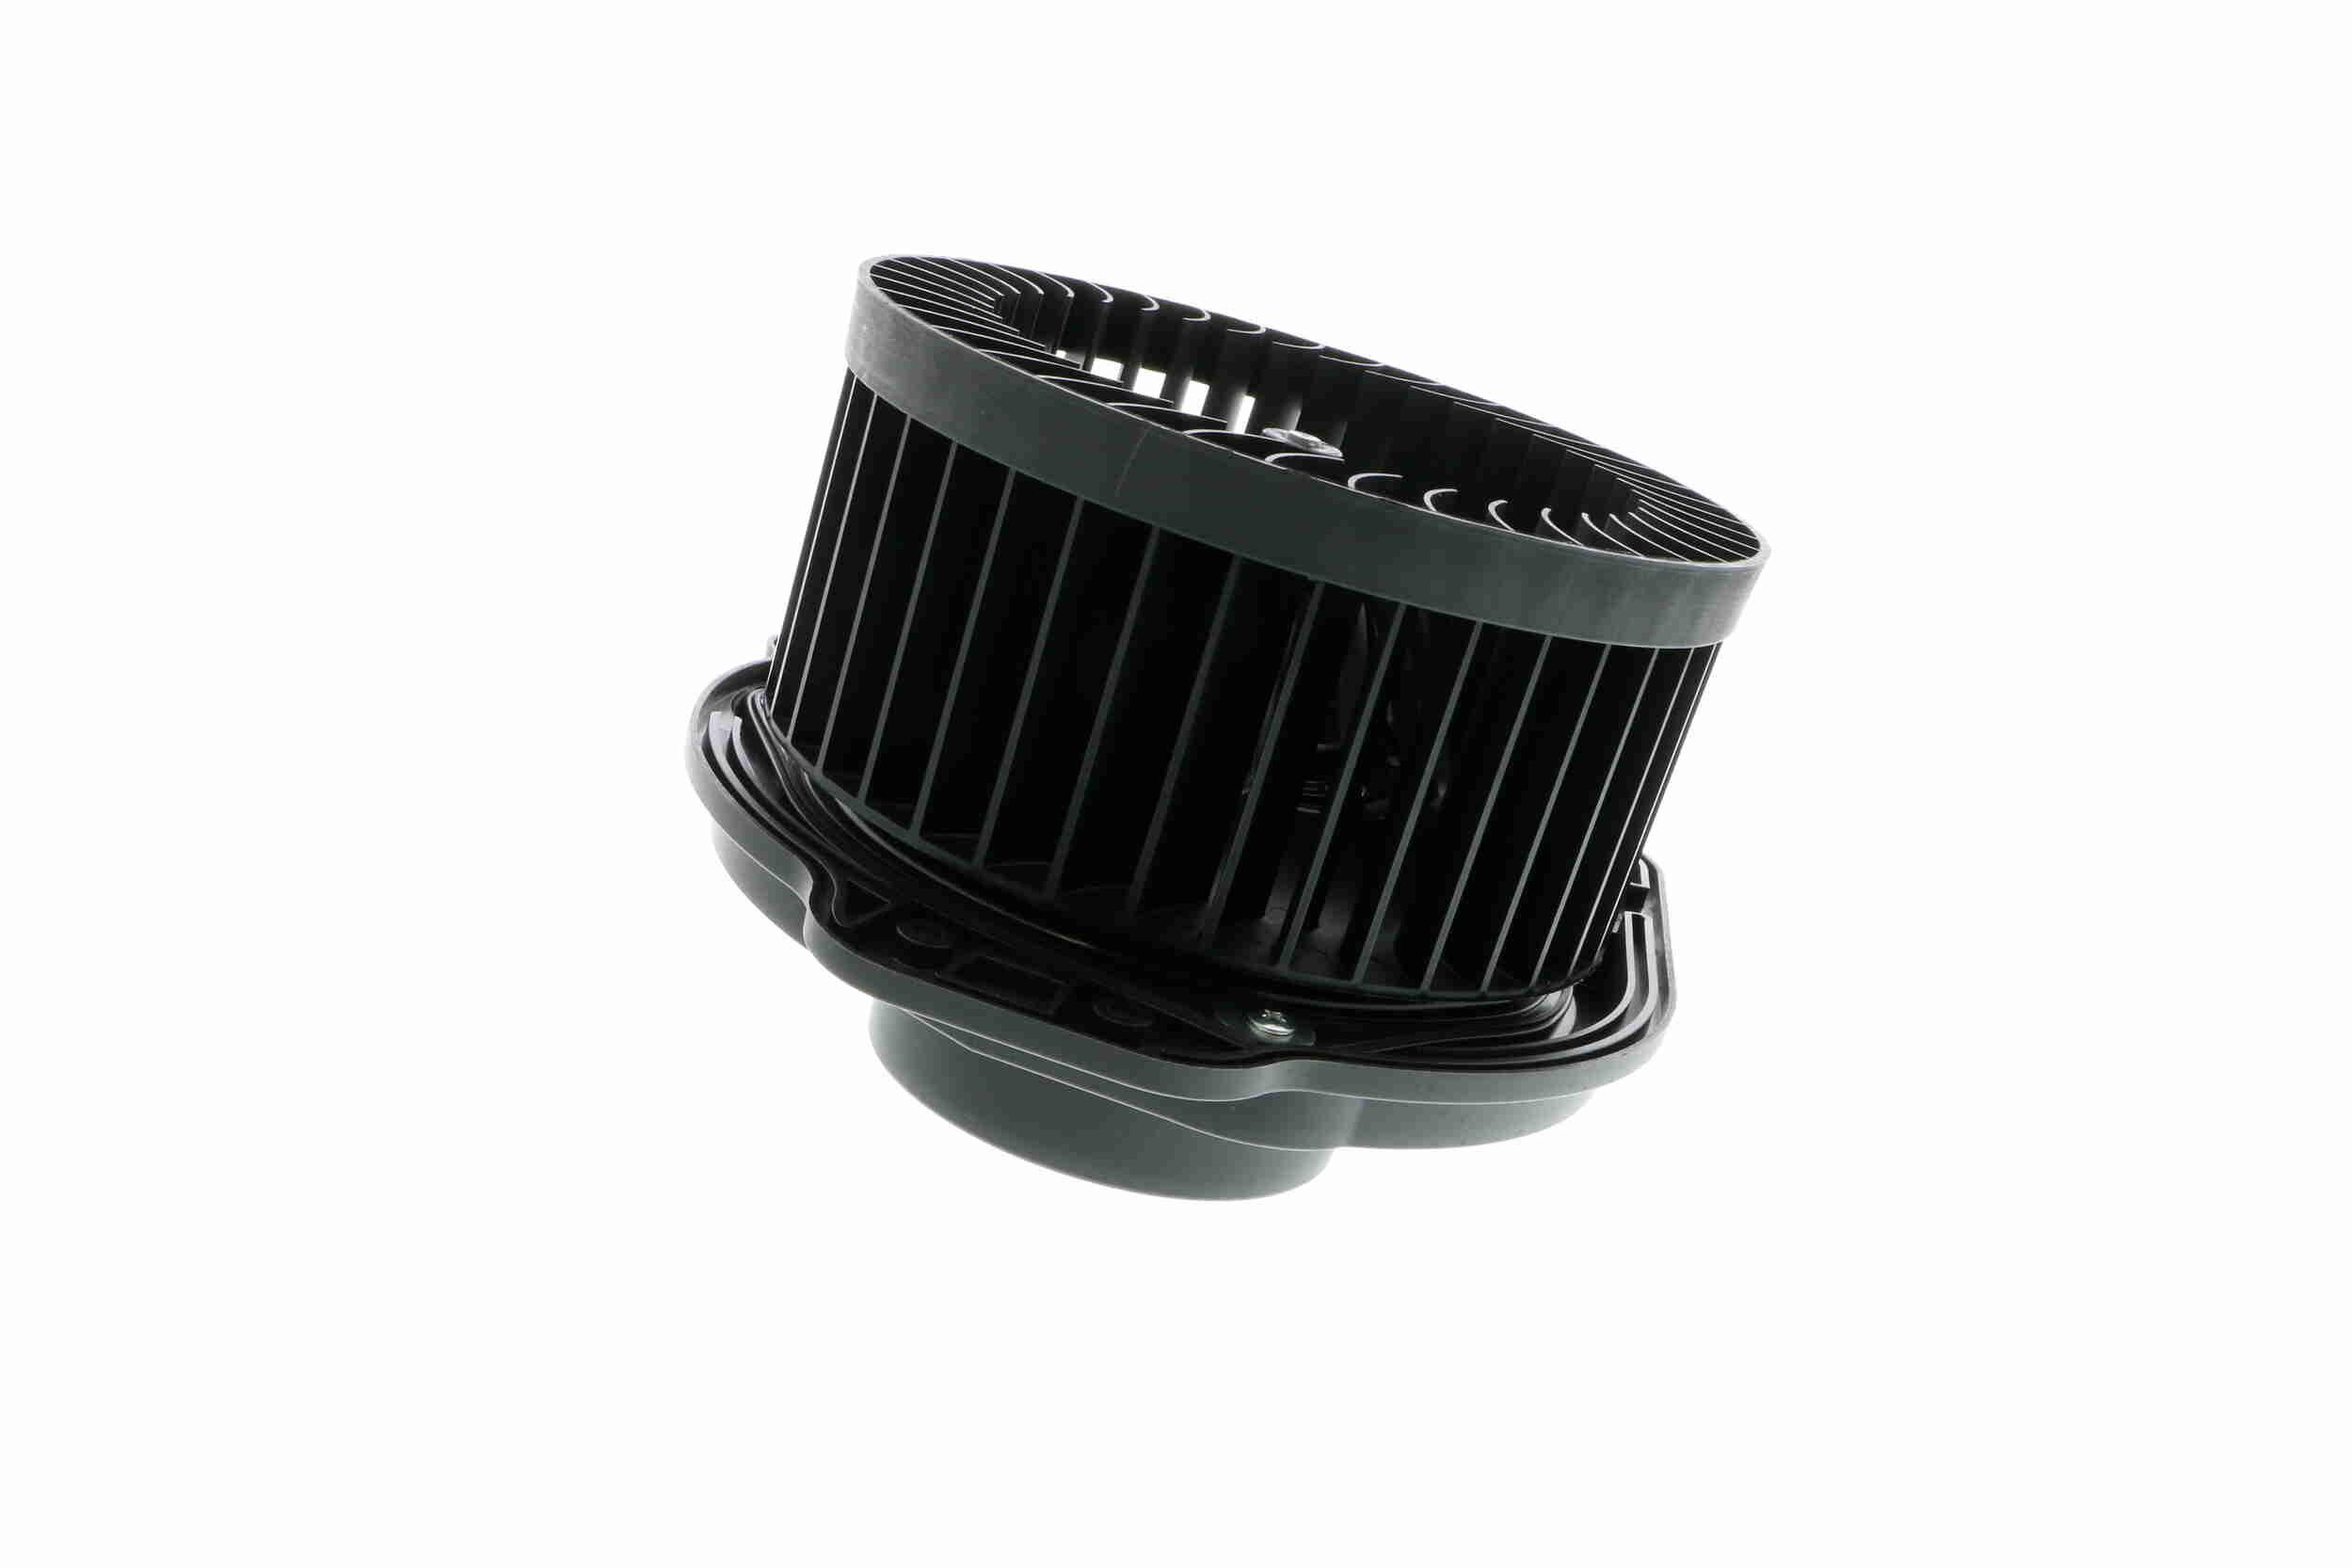 VOLVO C70 2009 Heizgebläsemotor - Original VEMO V95-03-1371 Spannung: 12V